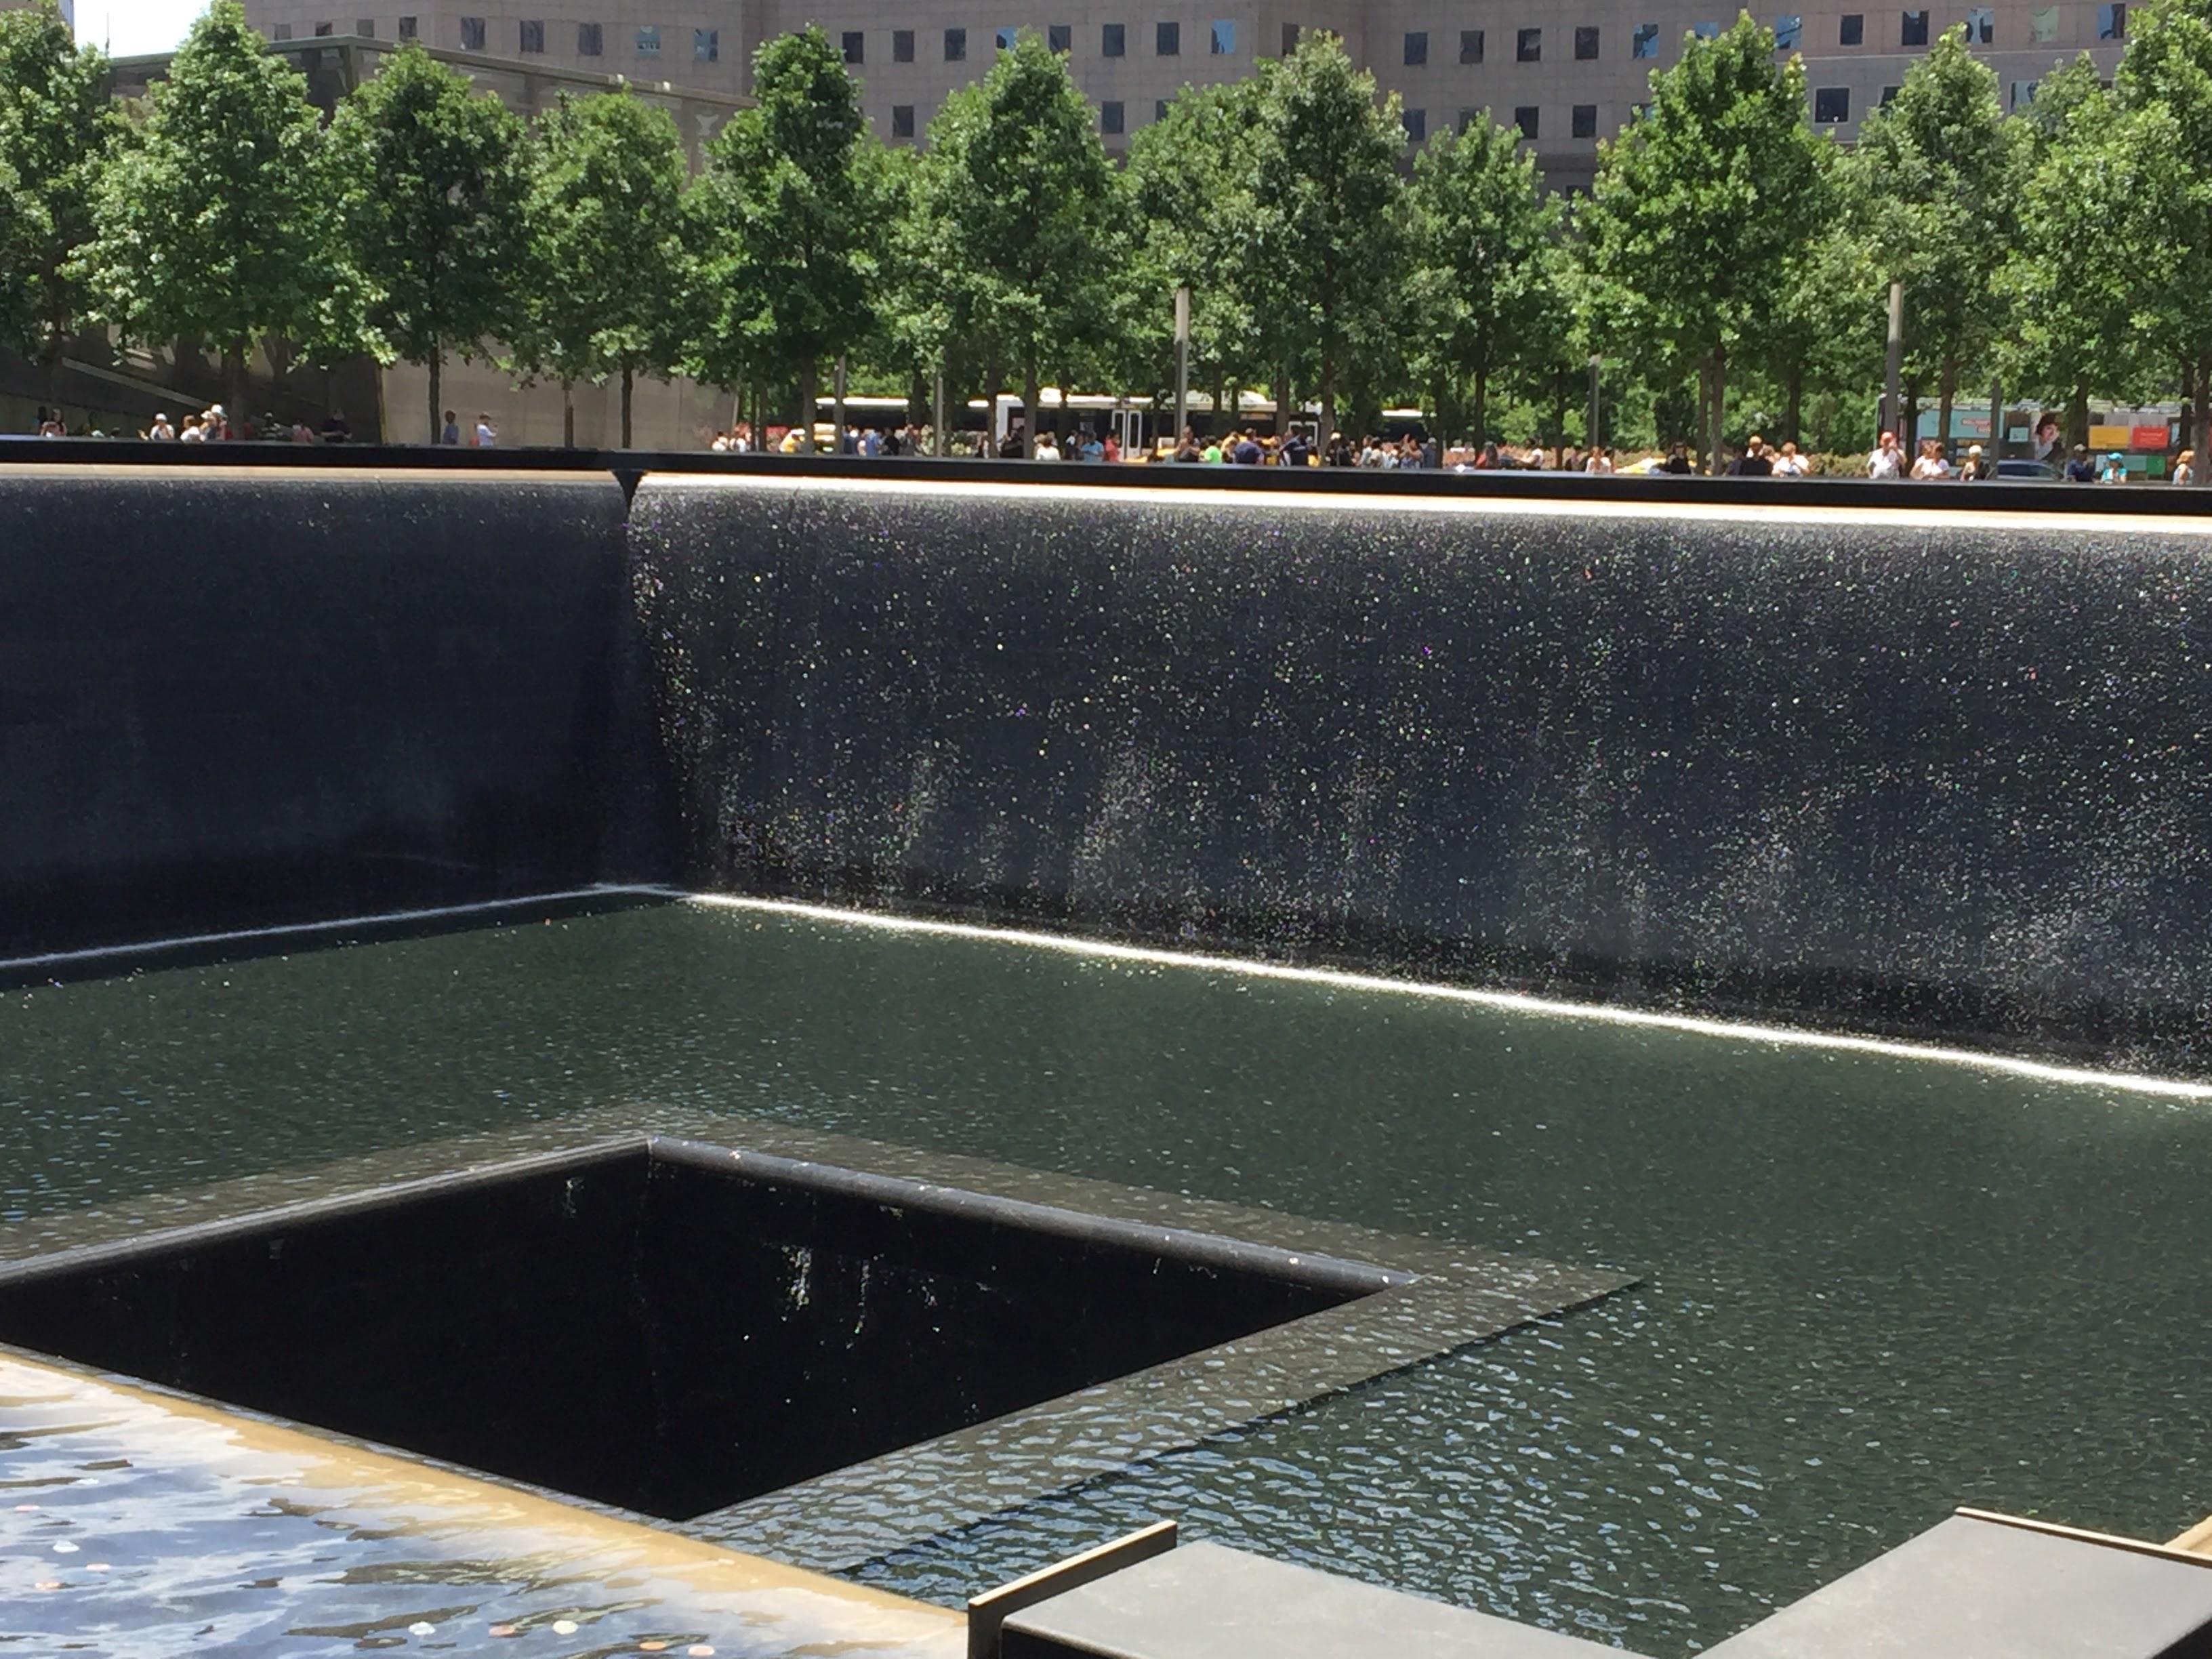 2017-07-02 NYC 911 Memorial 02